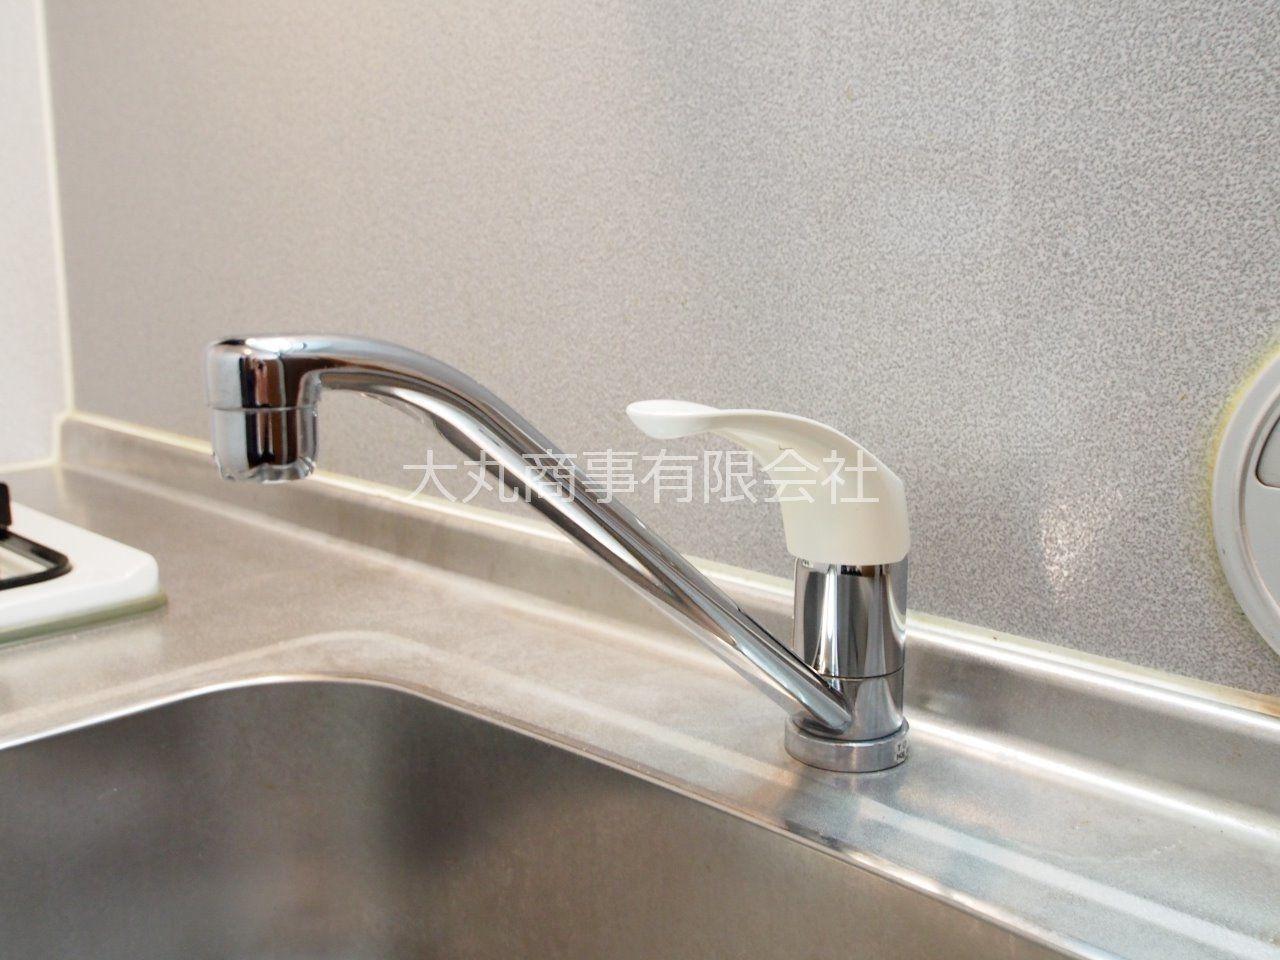 ワンレバー式の使いやすい水栓蛇口